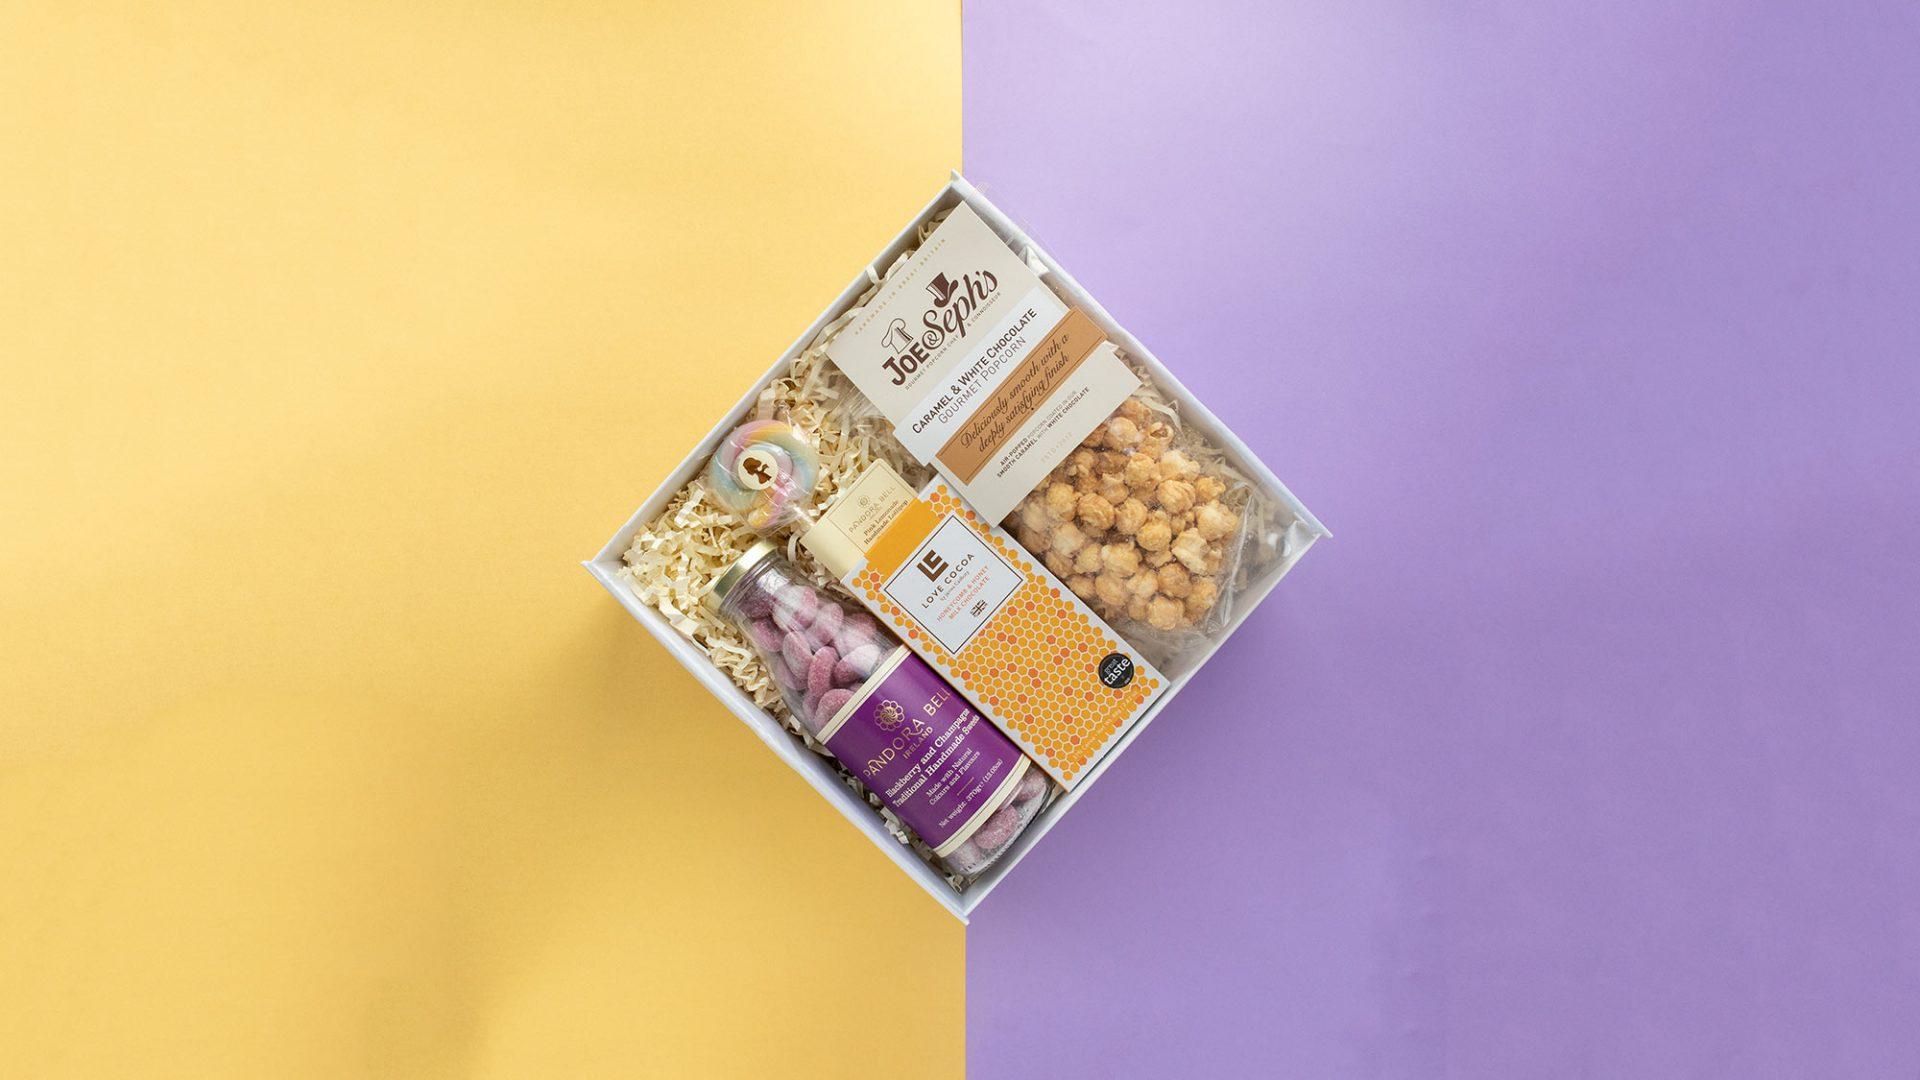 Vixi Gifting Gift Box Image